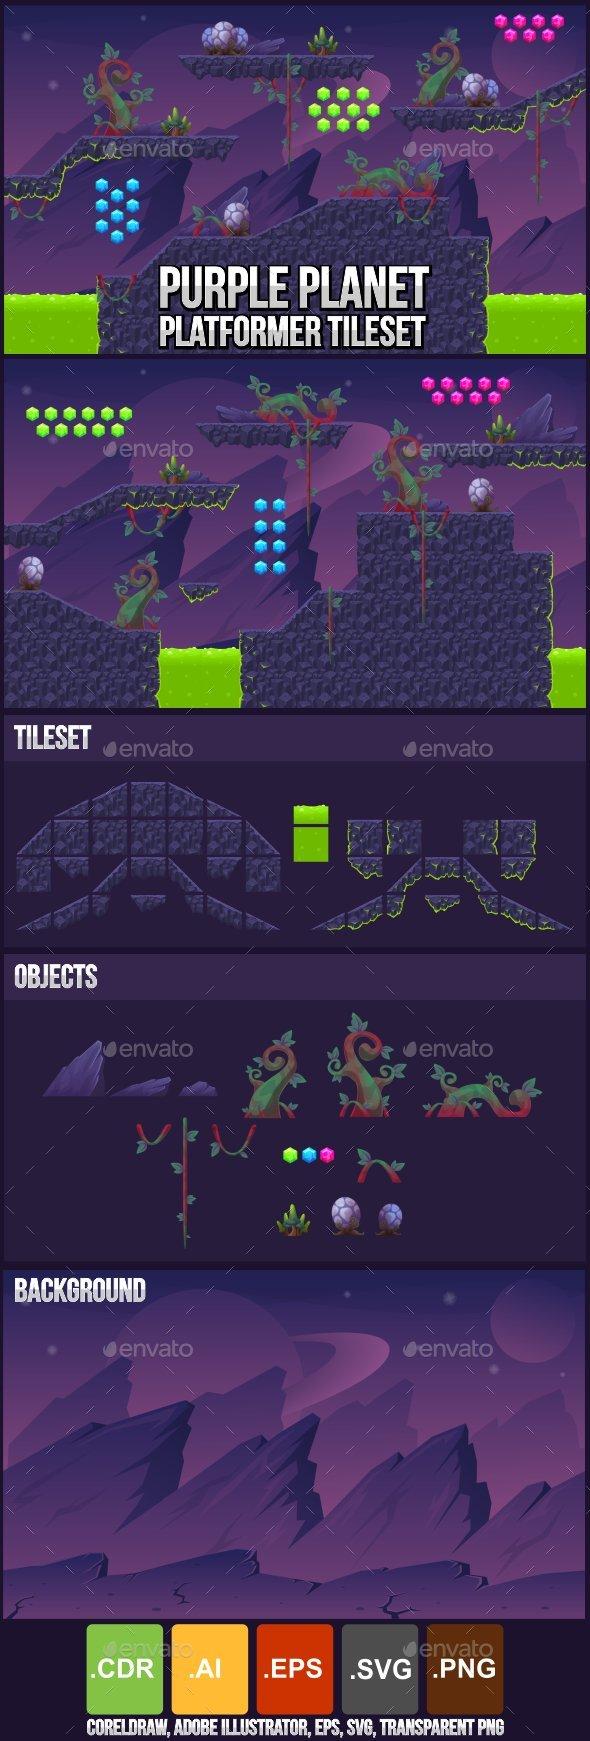 Purple Planet - Platformer Tileset - Tilesets Game Assets